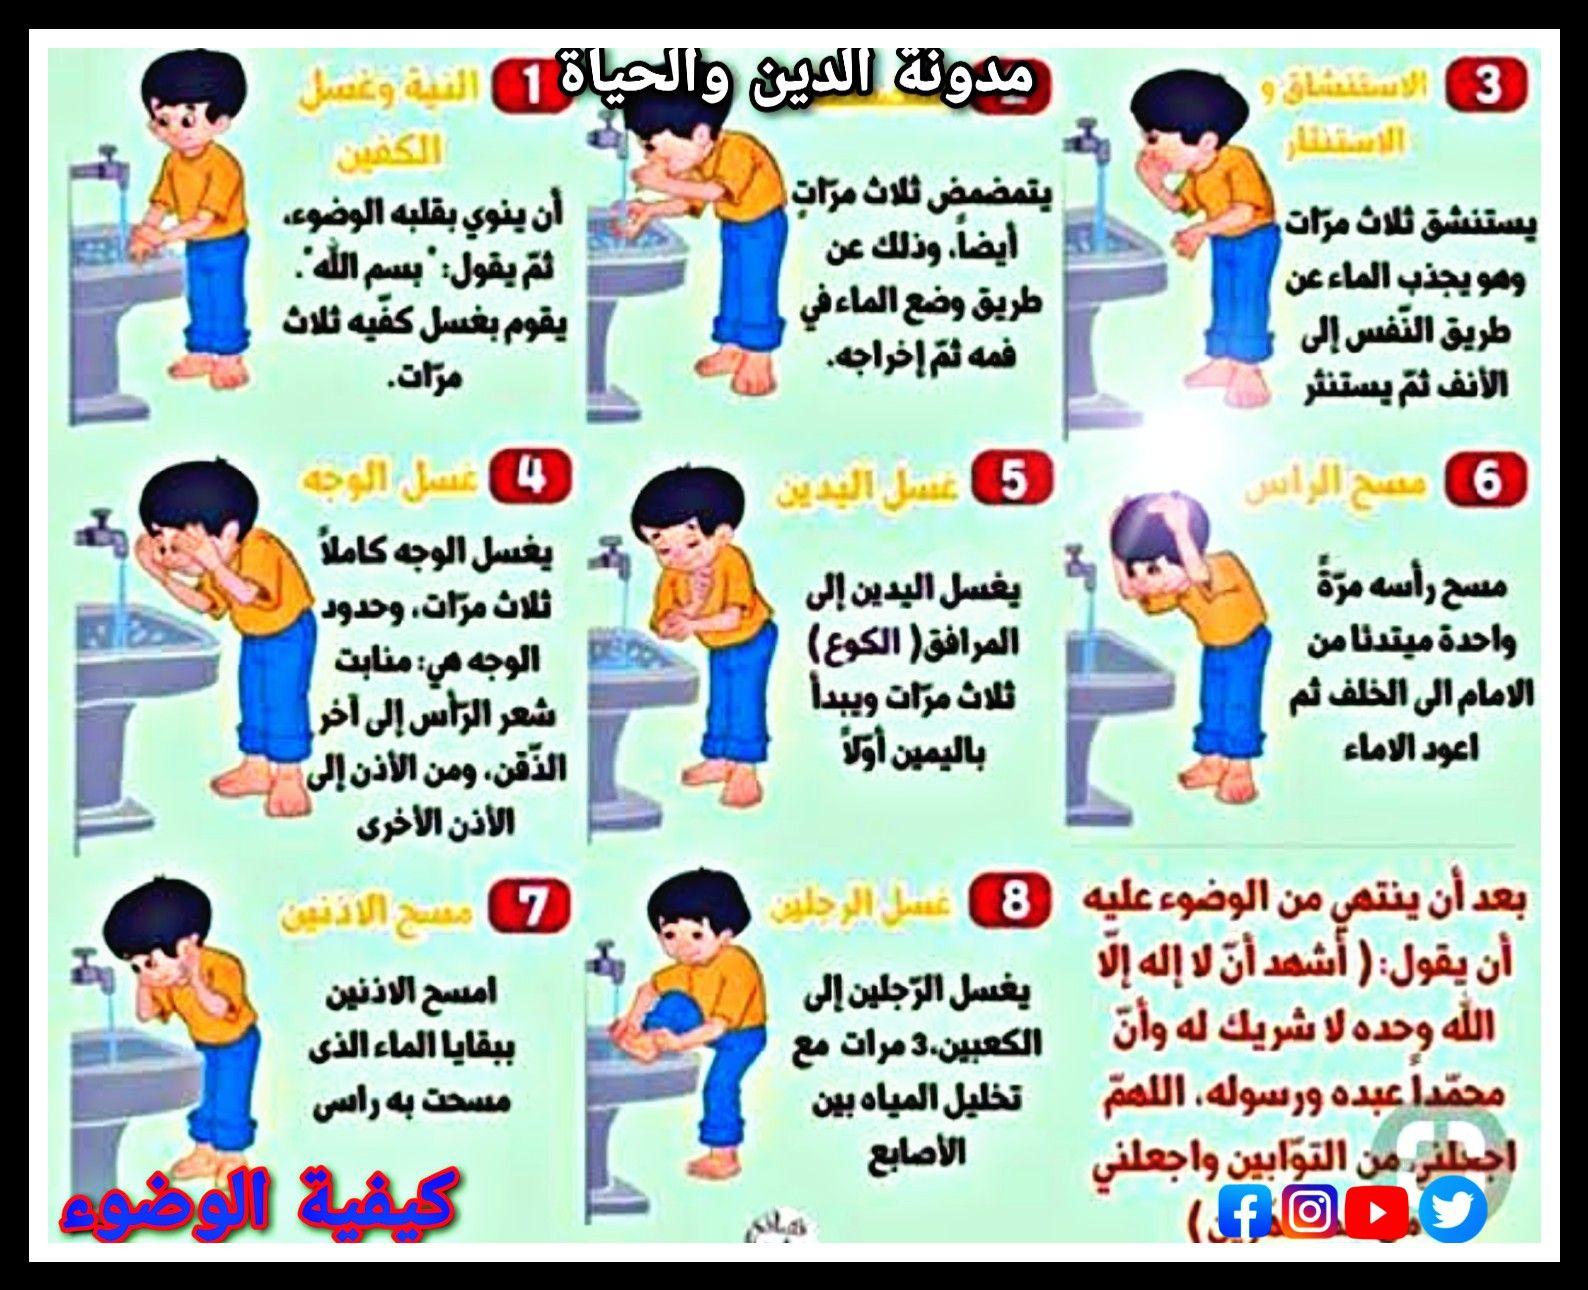 Resultado De Imagenes De Google Para Https 1 Bp Blogspot Com 6sjkxwwxaxk Xprdfbj4o0i A Muslim Kids Activities Islamic Kids Activities Islamic Books For Kids